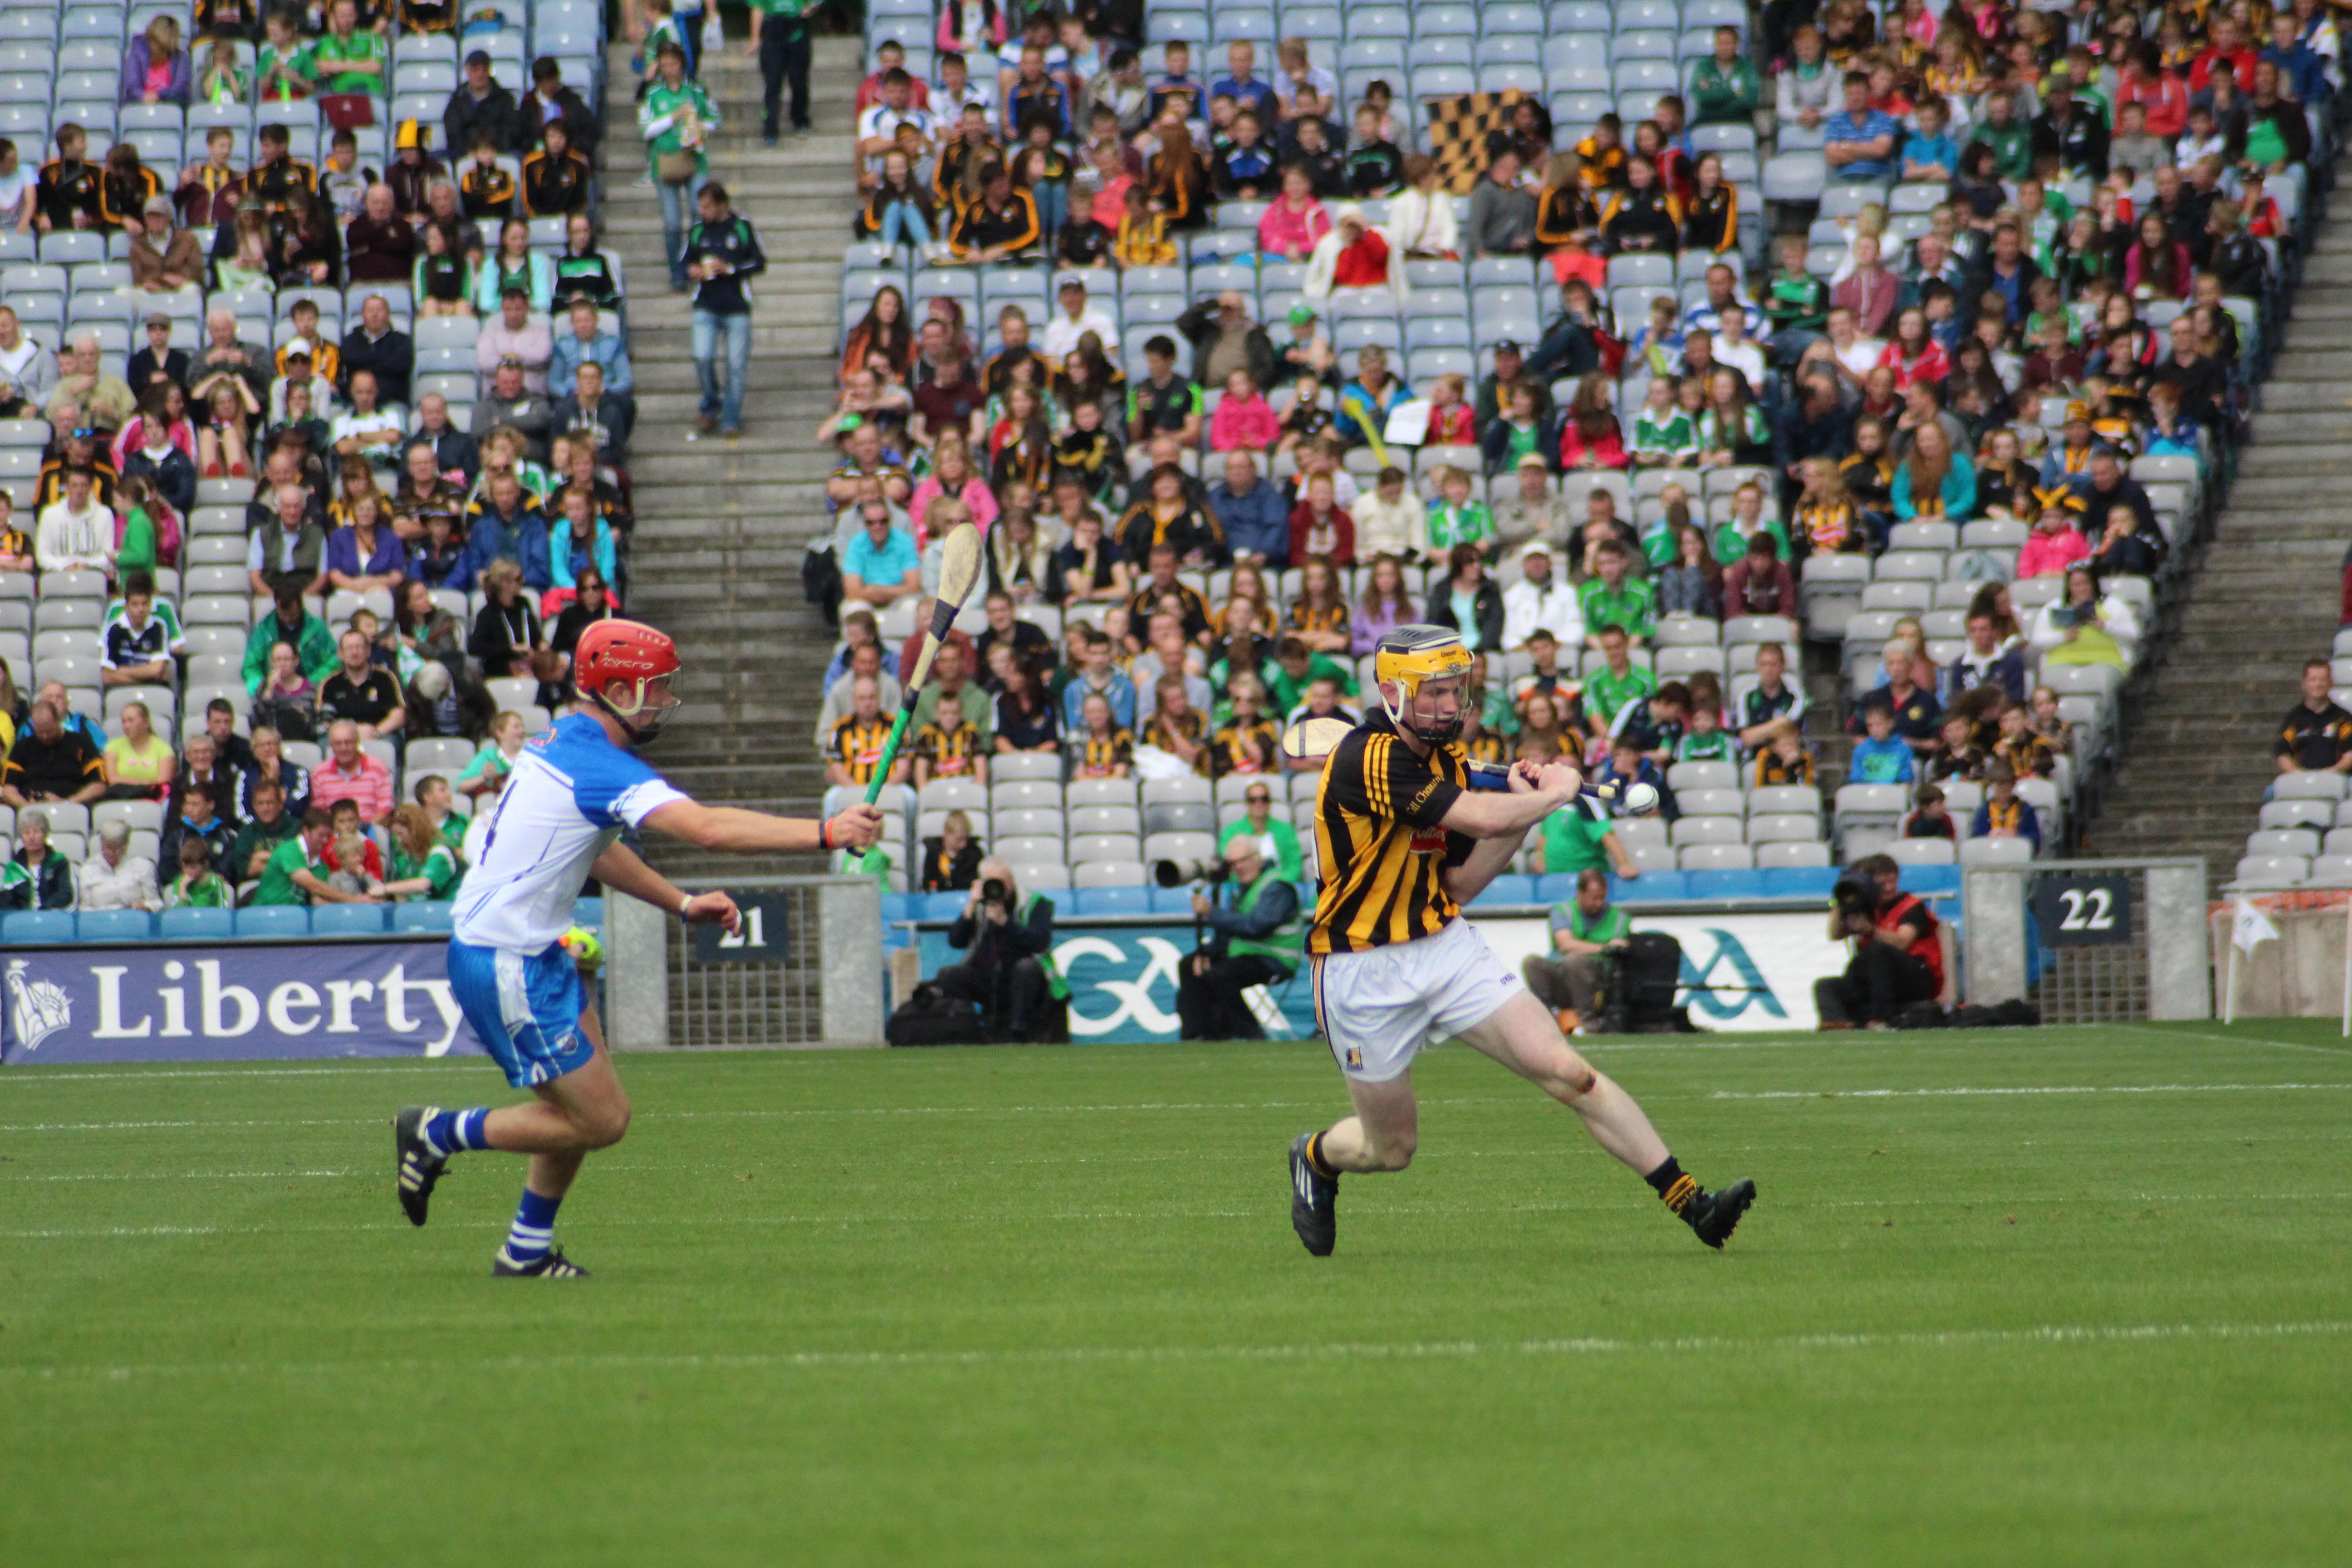 All Ireland Minor Semi-Final